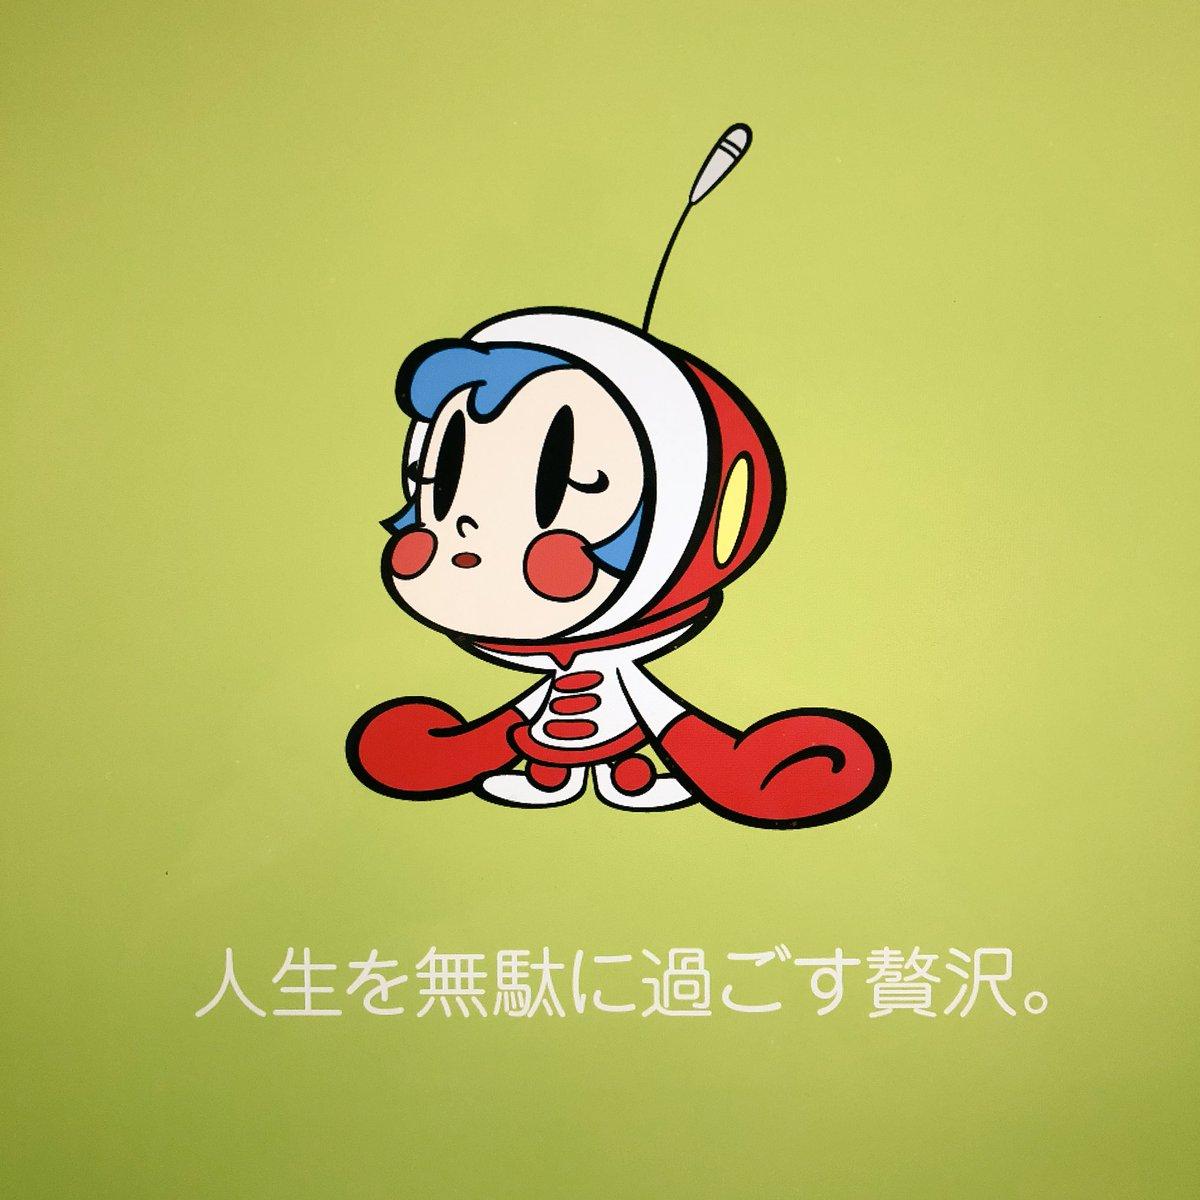 ちゃん スーパー ミルク